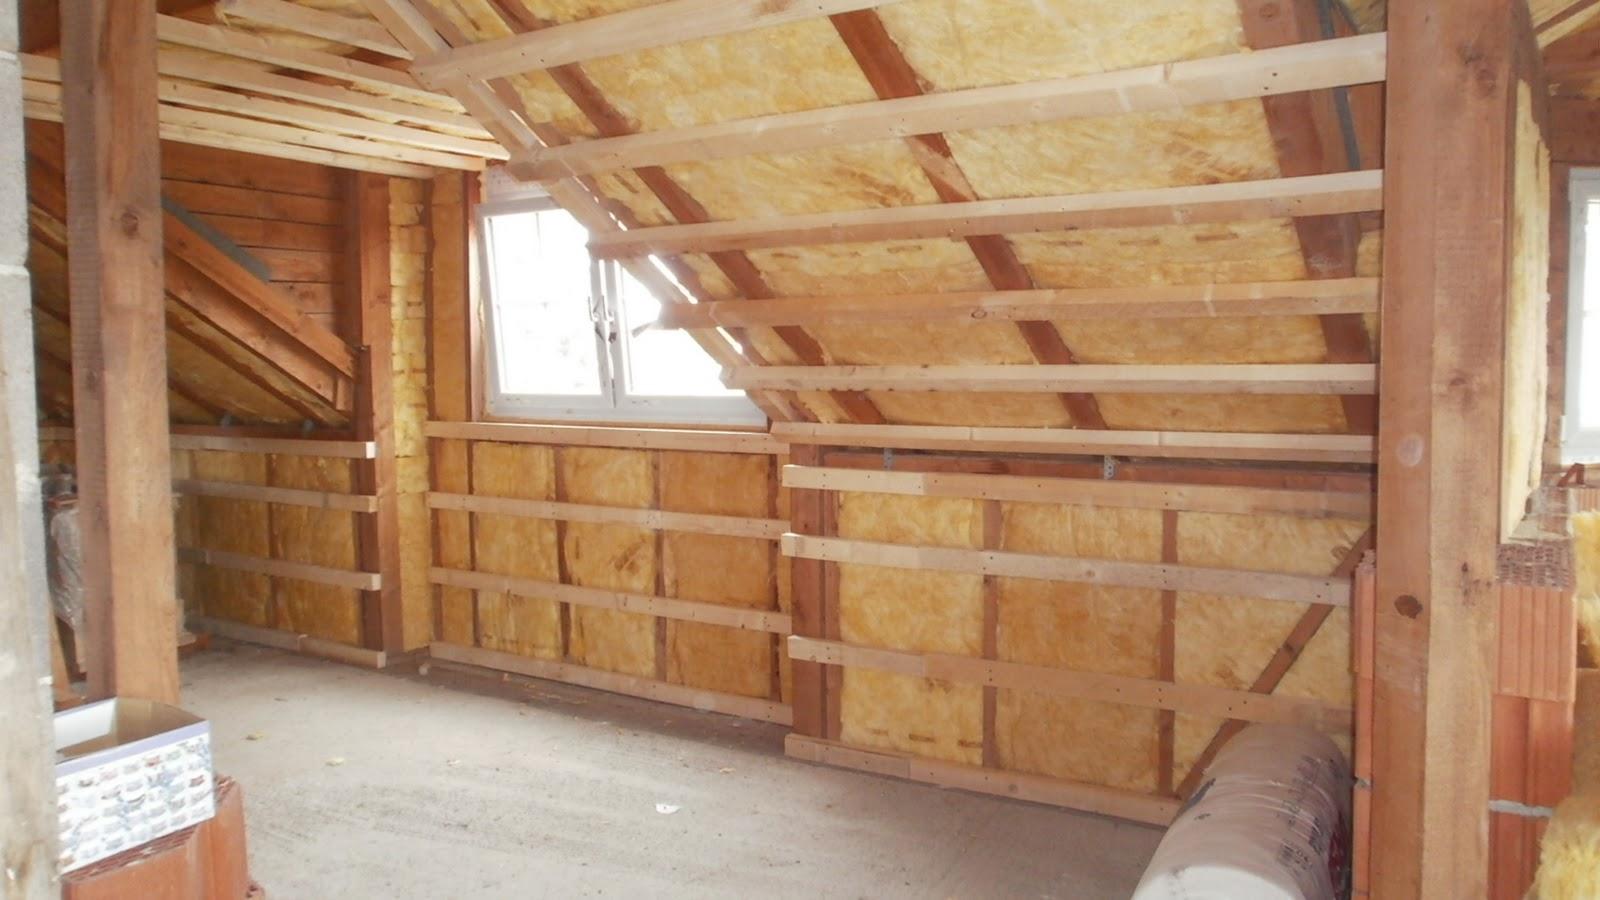 heimwerker dachbodenausbau unterkonstruktion mit holz und dampfbremse. Black Bedroom Furniture Sets. Home Design Ideas